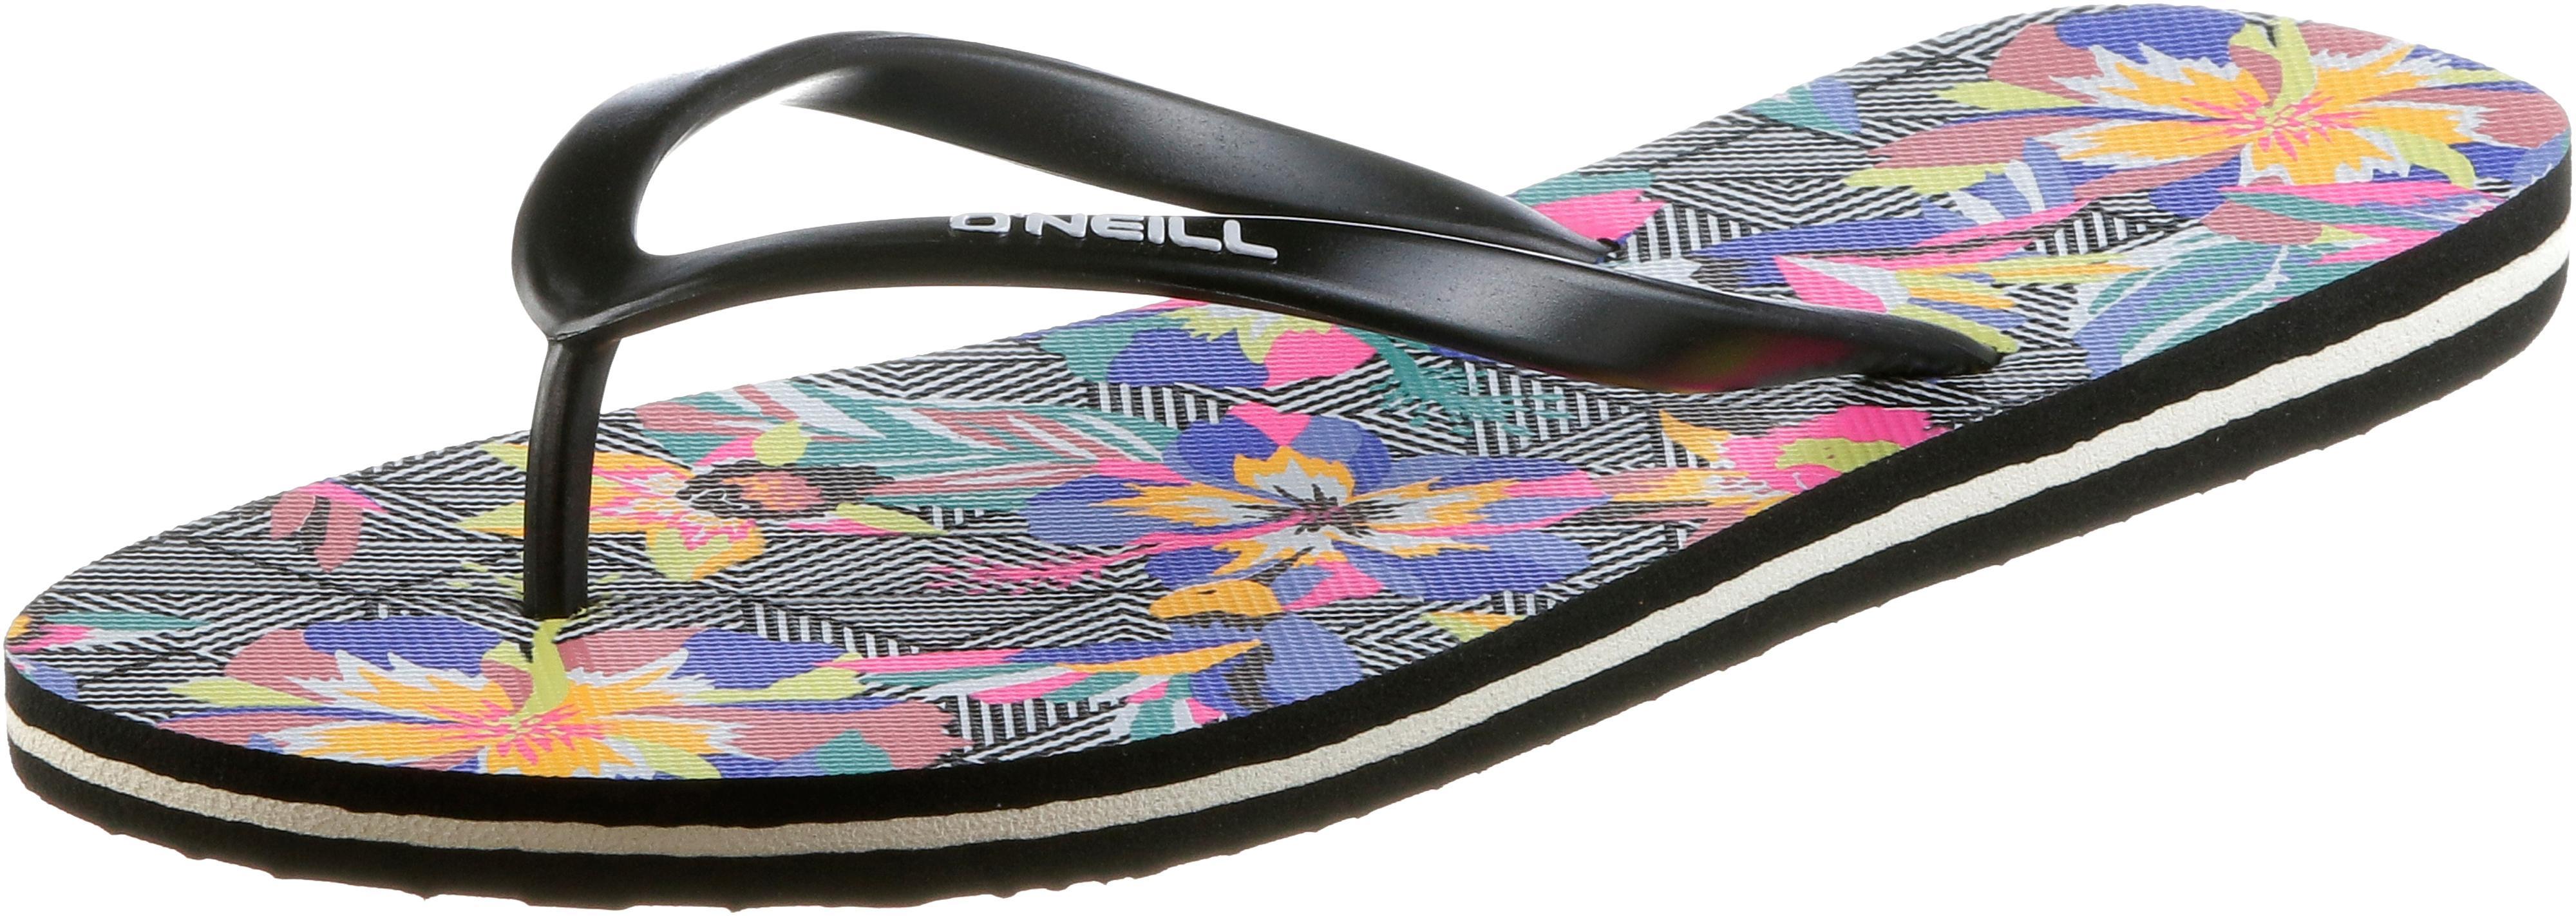 O'NEILL TROPADELIC PRINT Zehentrenner Damen schwarz GRAPHIC SMALL W  Rosa im Online Shop von SportScheck kaufen Gute Qualität beliebte Schuhe